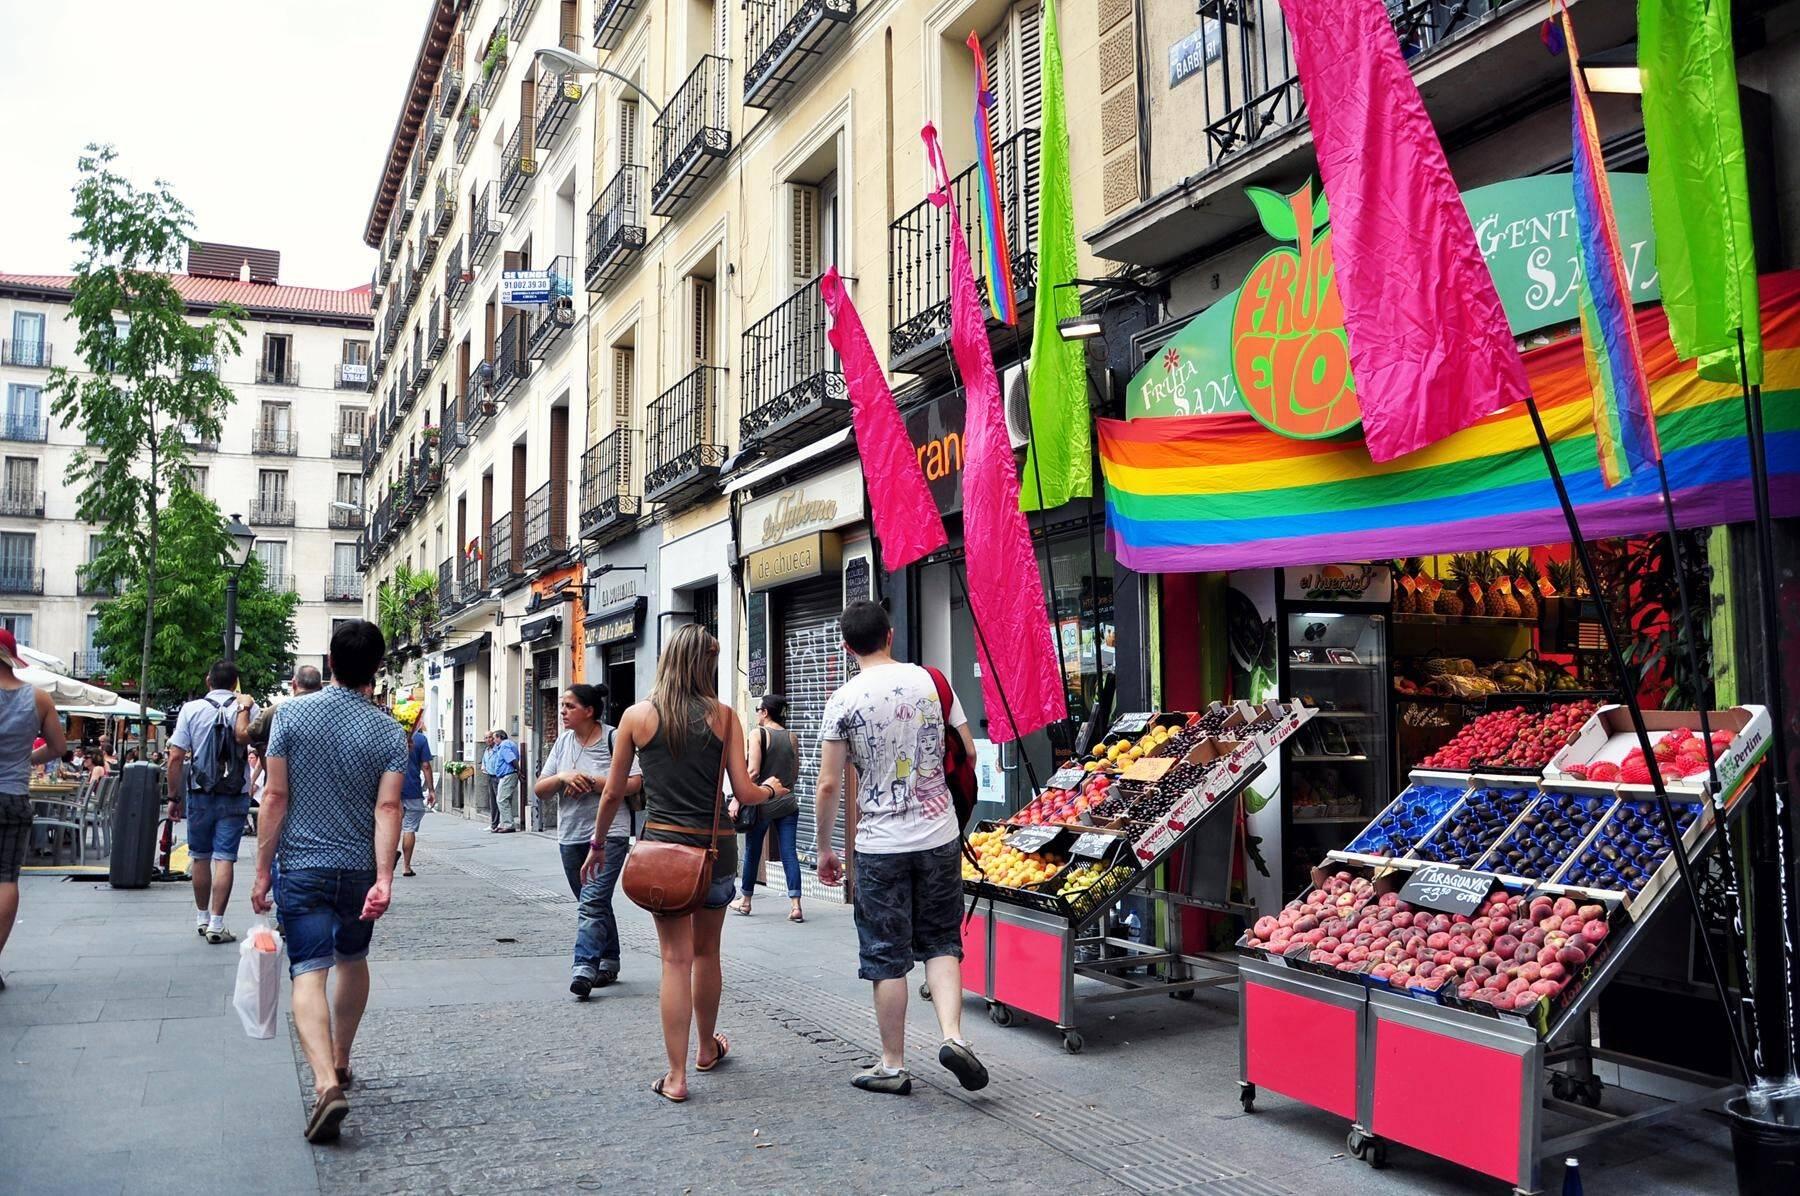 Chueca, o bairro gay de Madrid. Foto: Reprodução